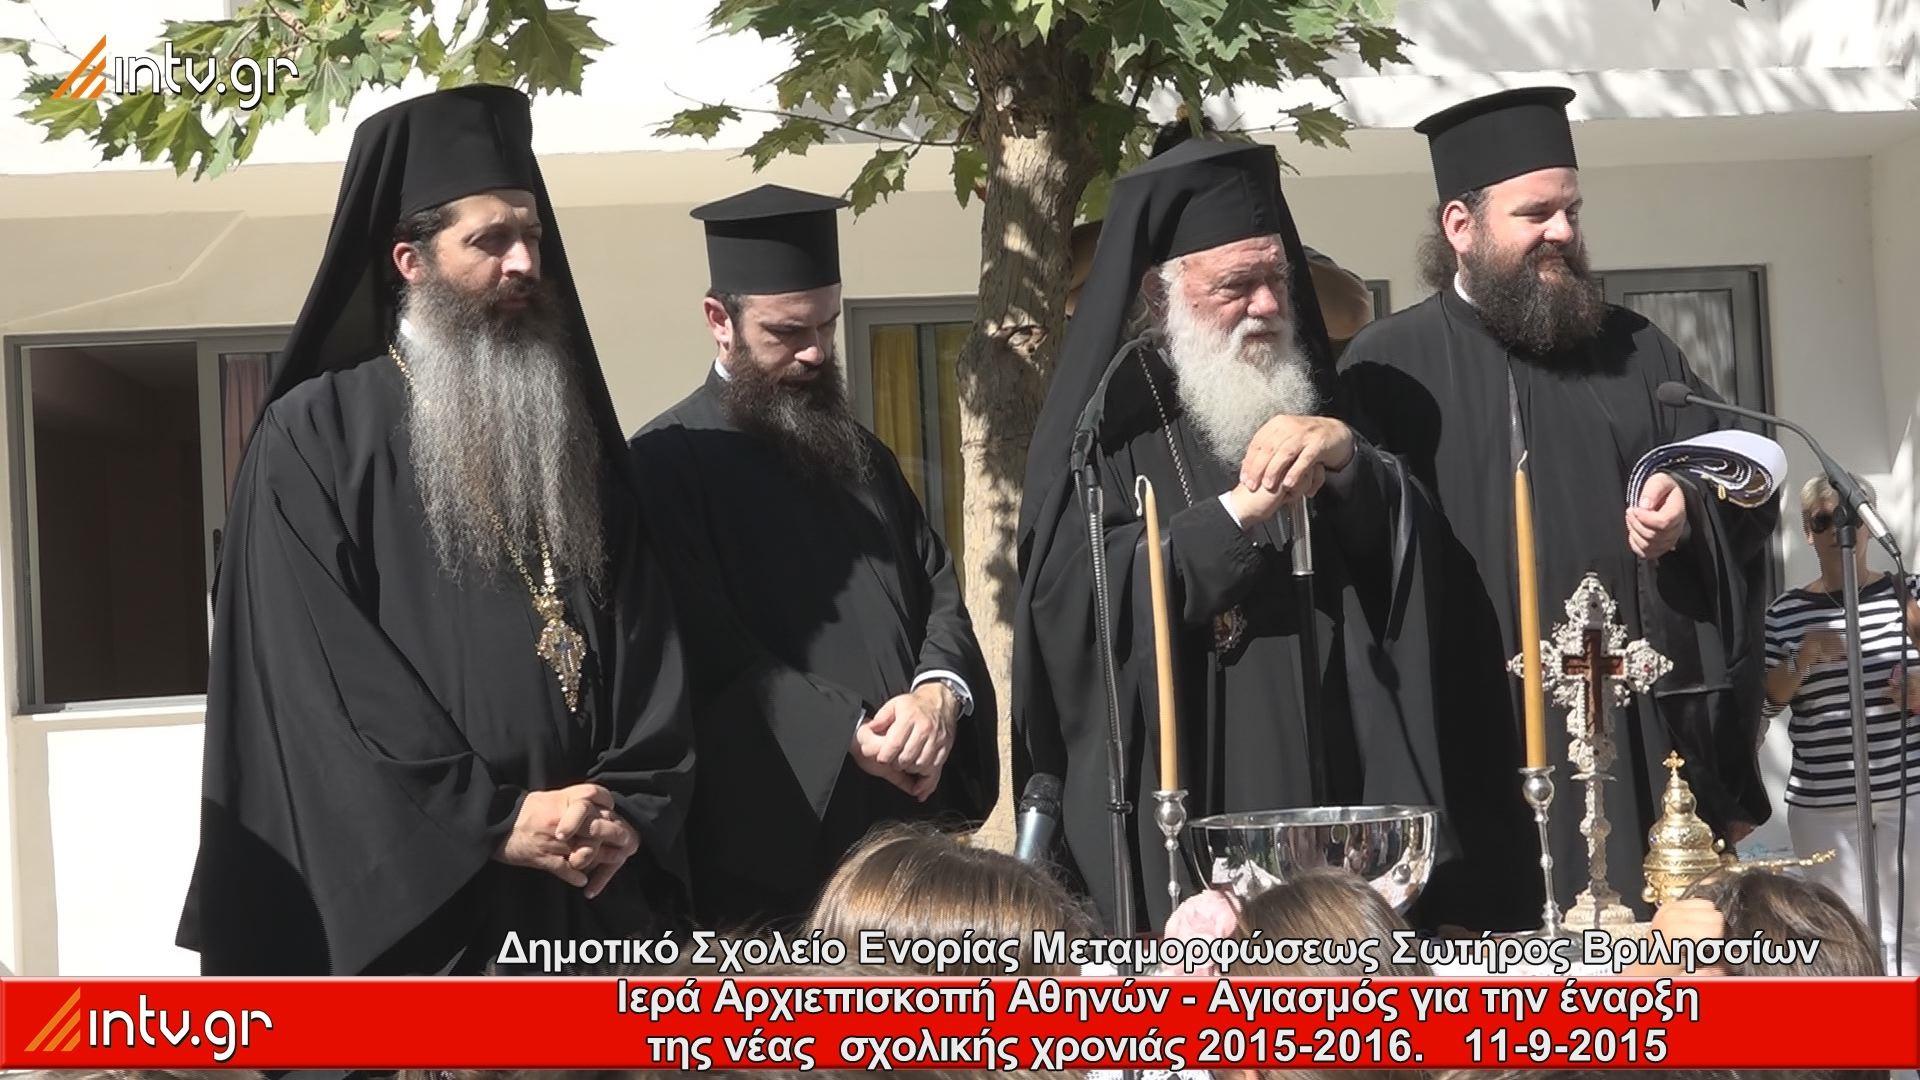 Ιερά Αρχιεπισκοπή Αθηνών - Αγιασμός για την έναρξη της νέας σχολικής χρονιάς 2015-2016.